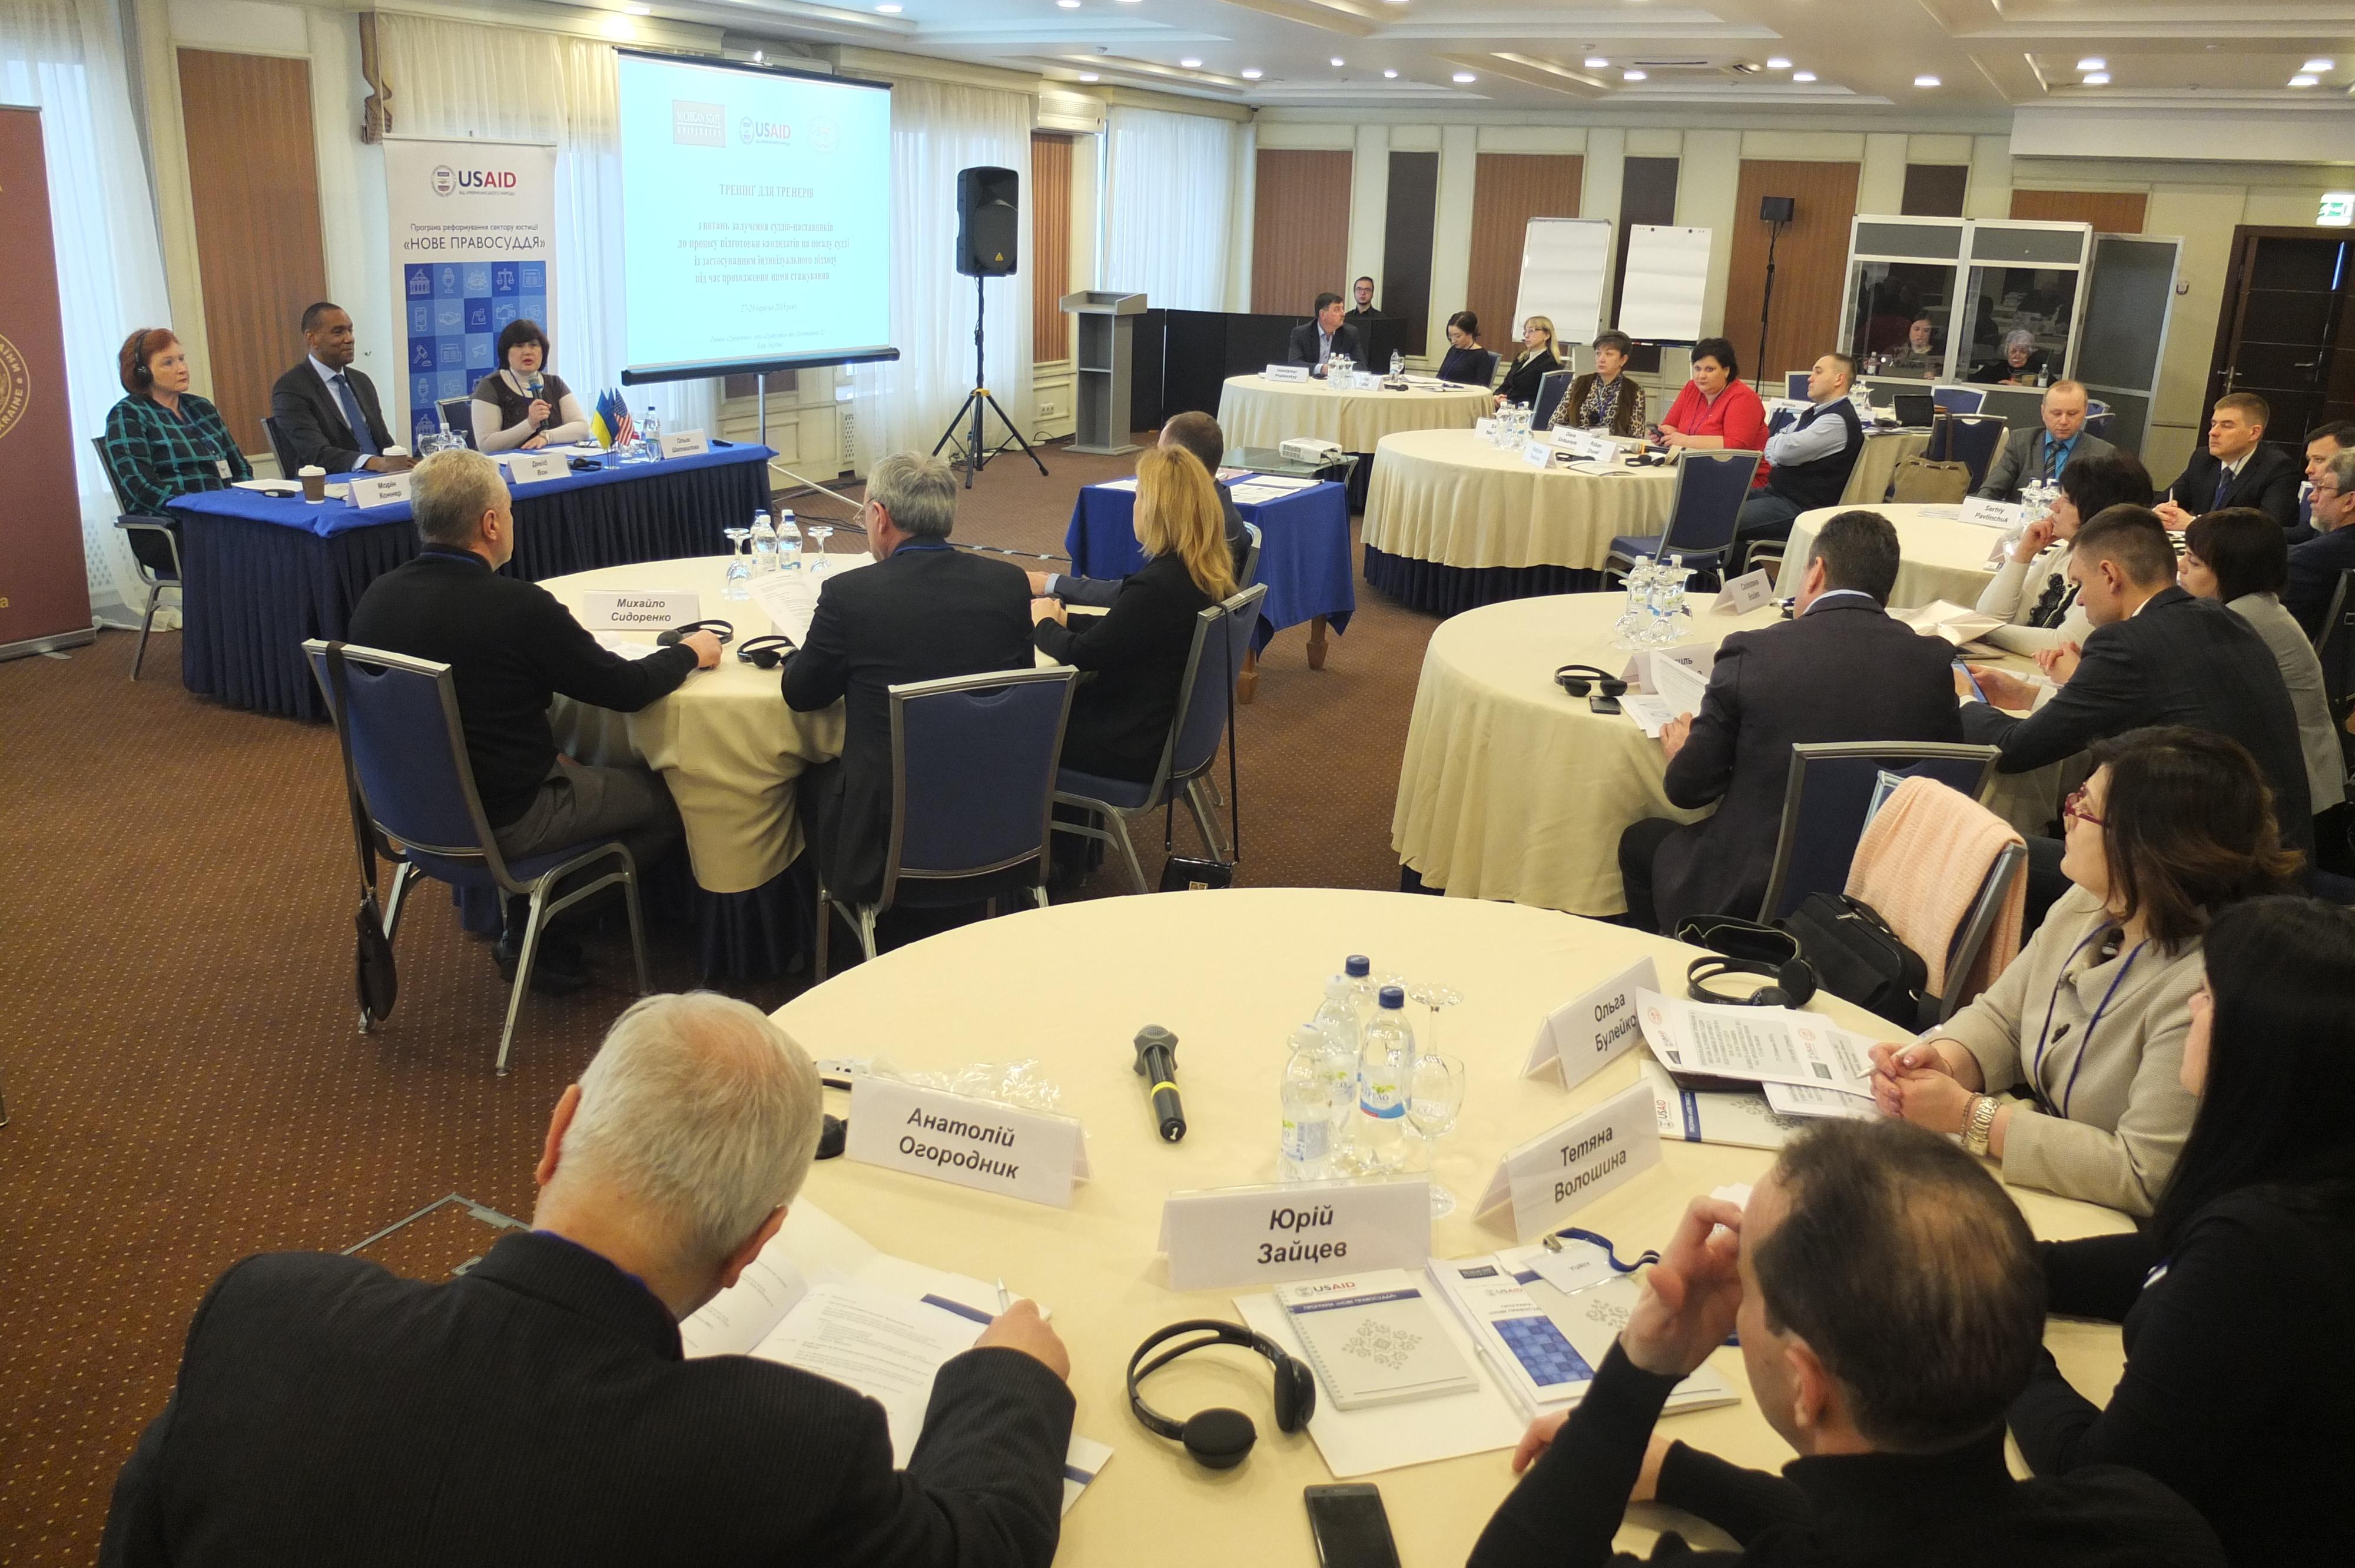 Учасники тренінгу для тренерів з питань залучення суддів-наставників до процесу стажування кандидатів на посаду судді. ФОТО: Програма USAID «Нове правосуддя»